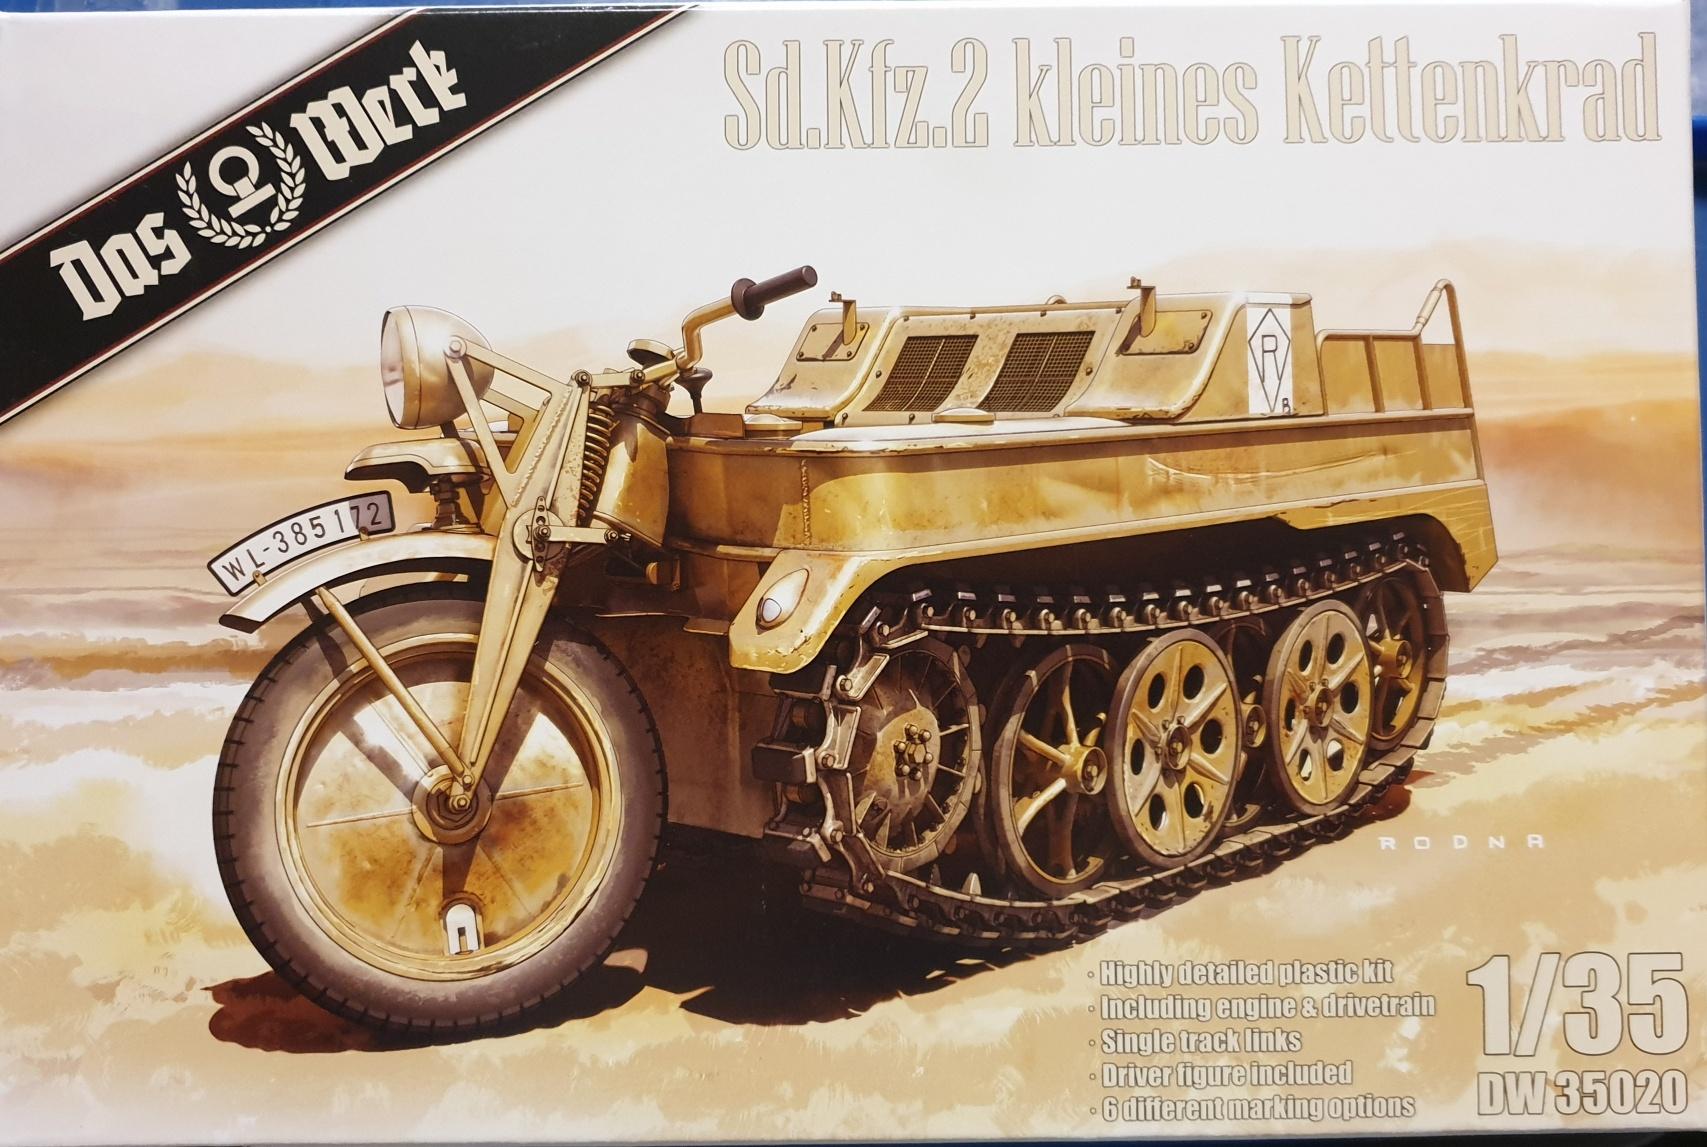 Das Werk DW35020 Sd.Kfz. 2 Kleines Kettenkrad